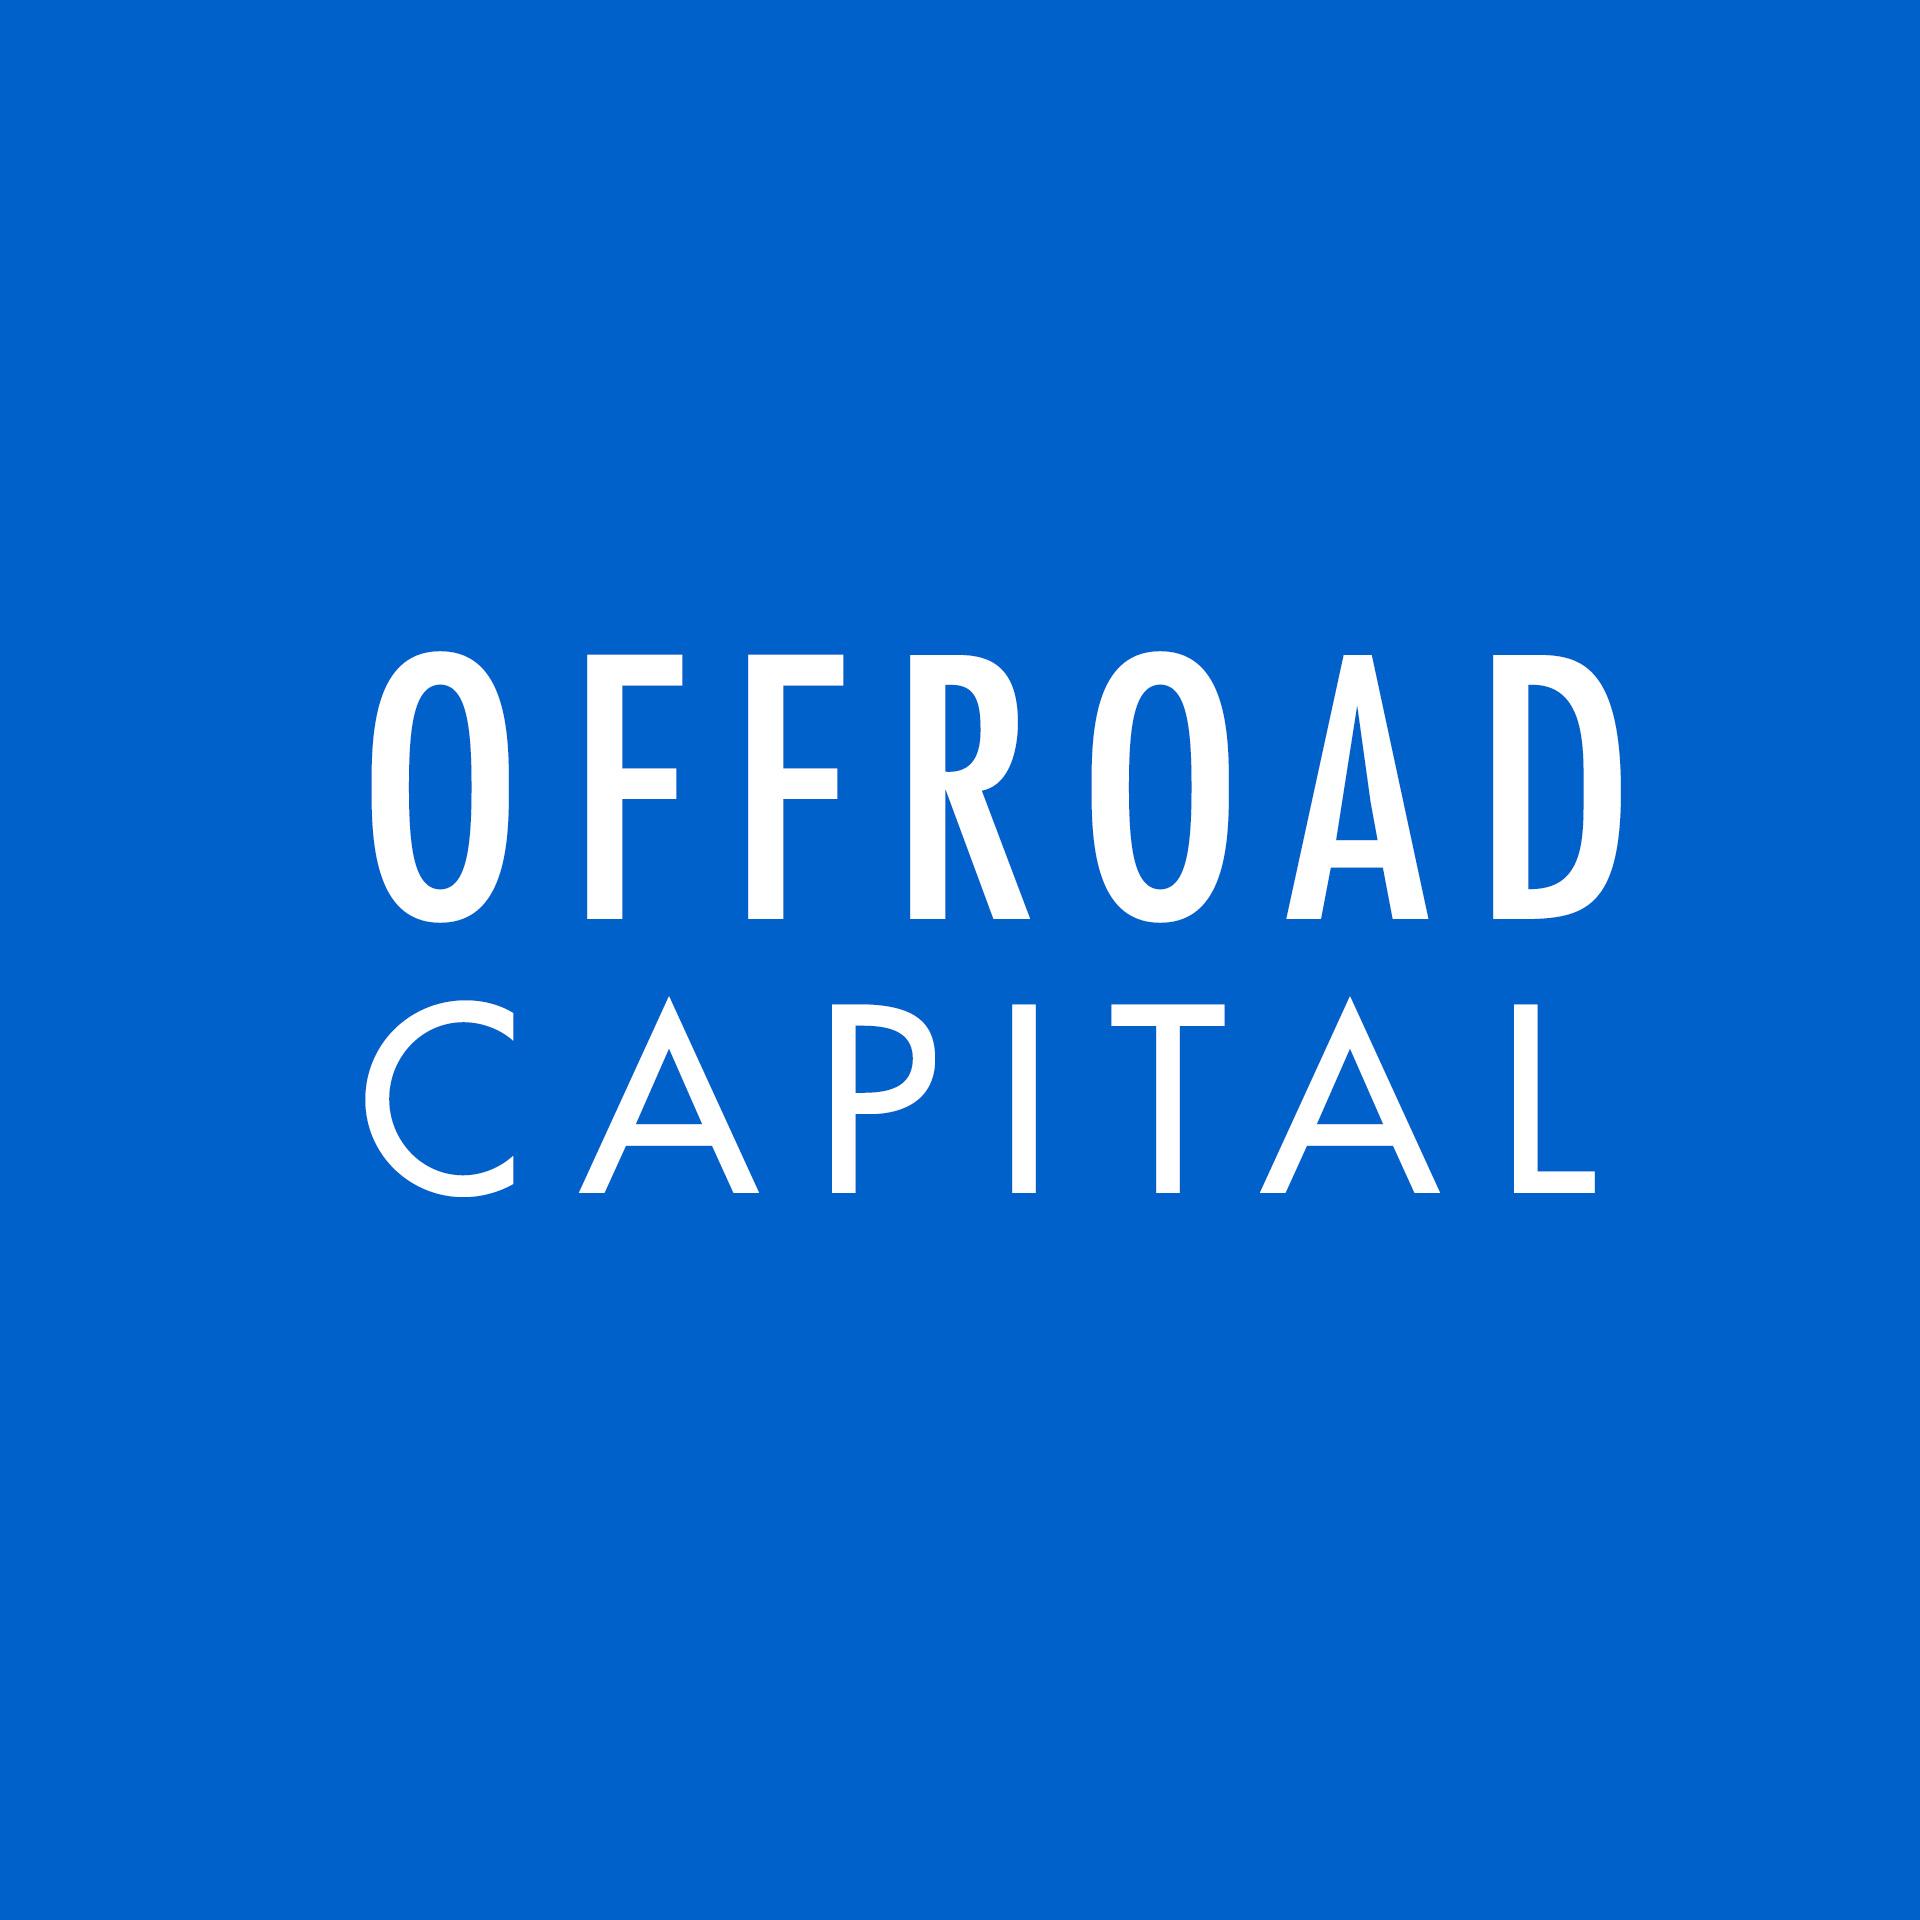 Off Road Capital